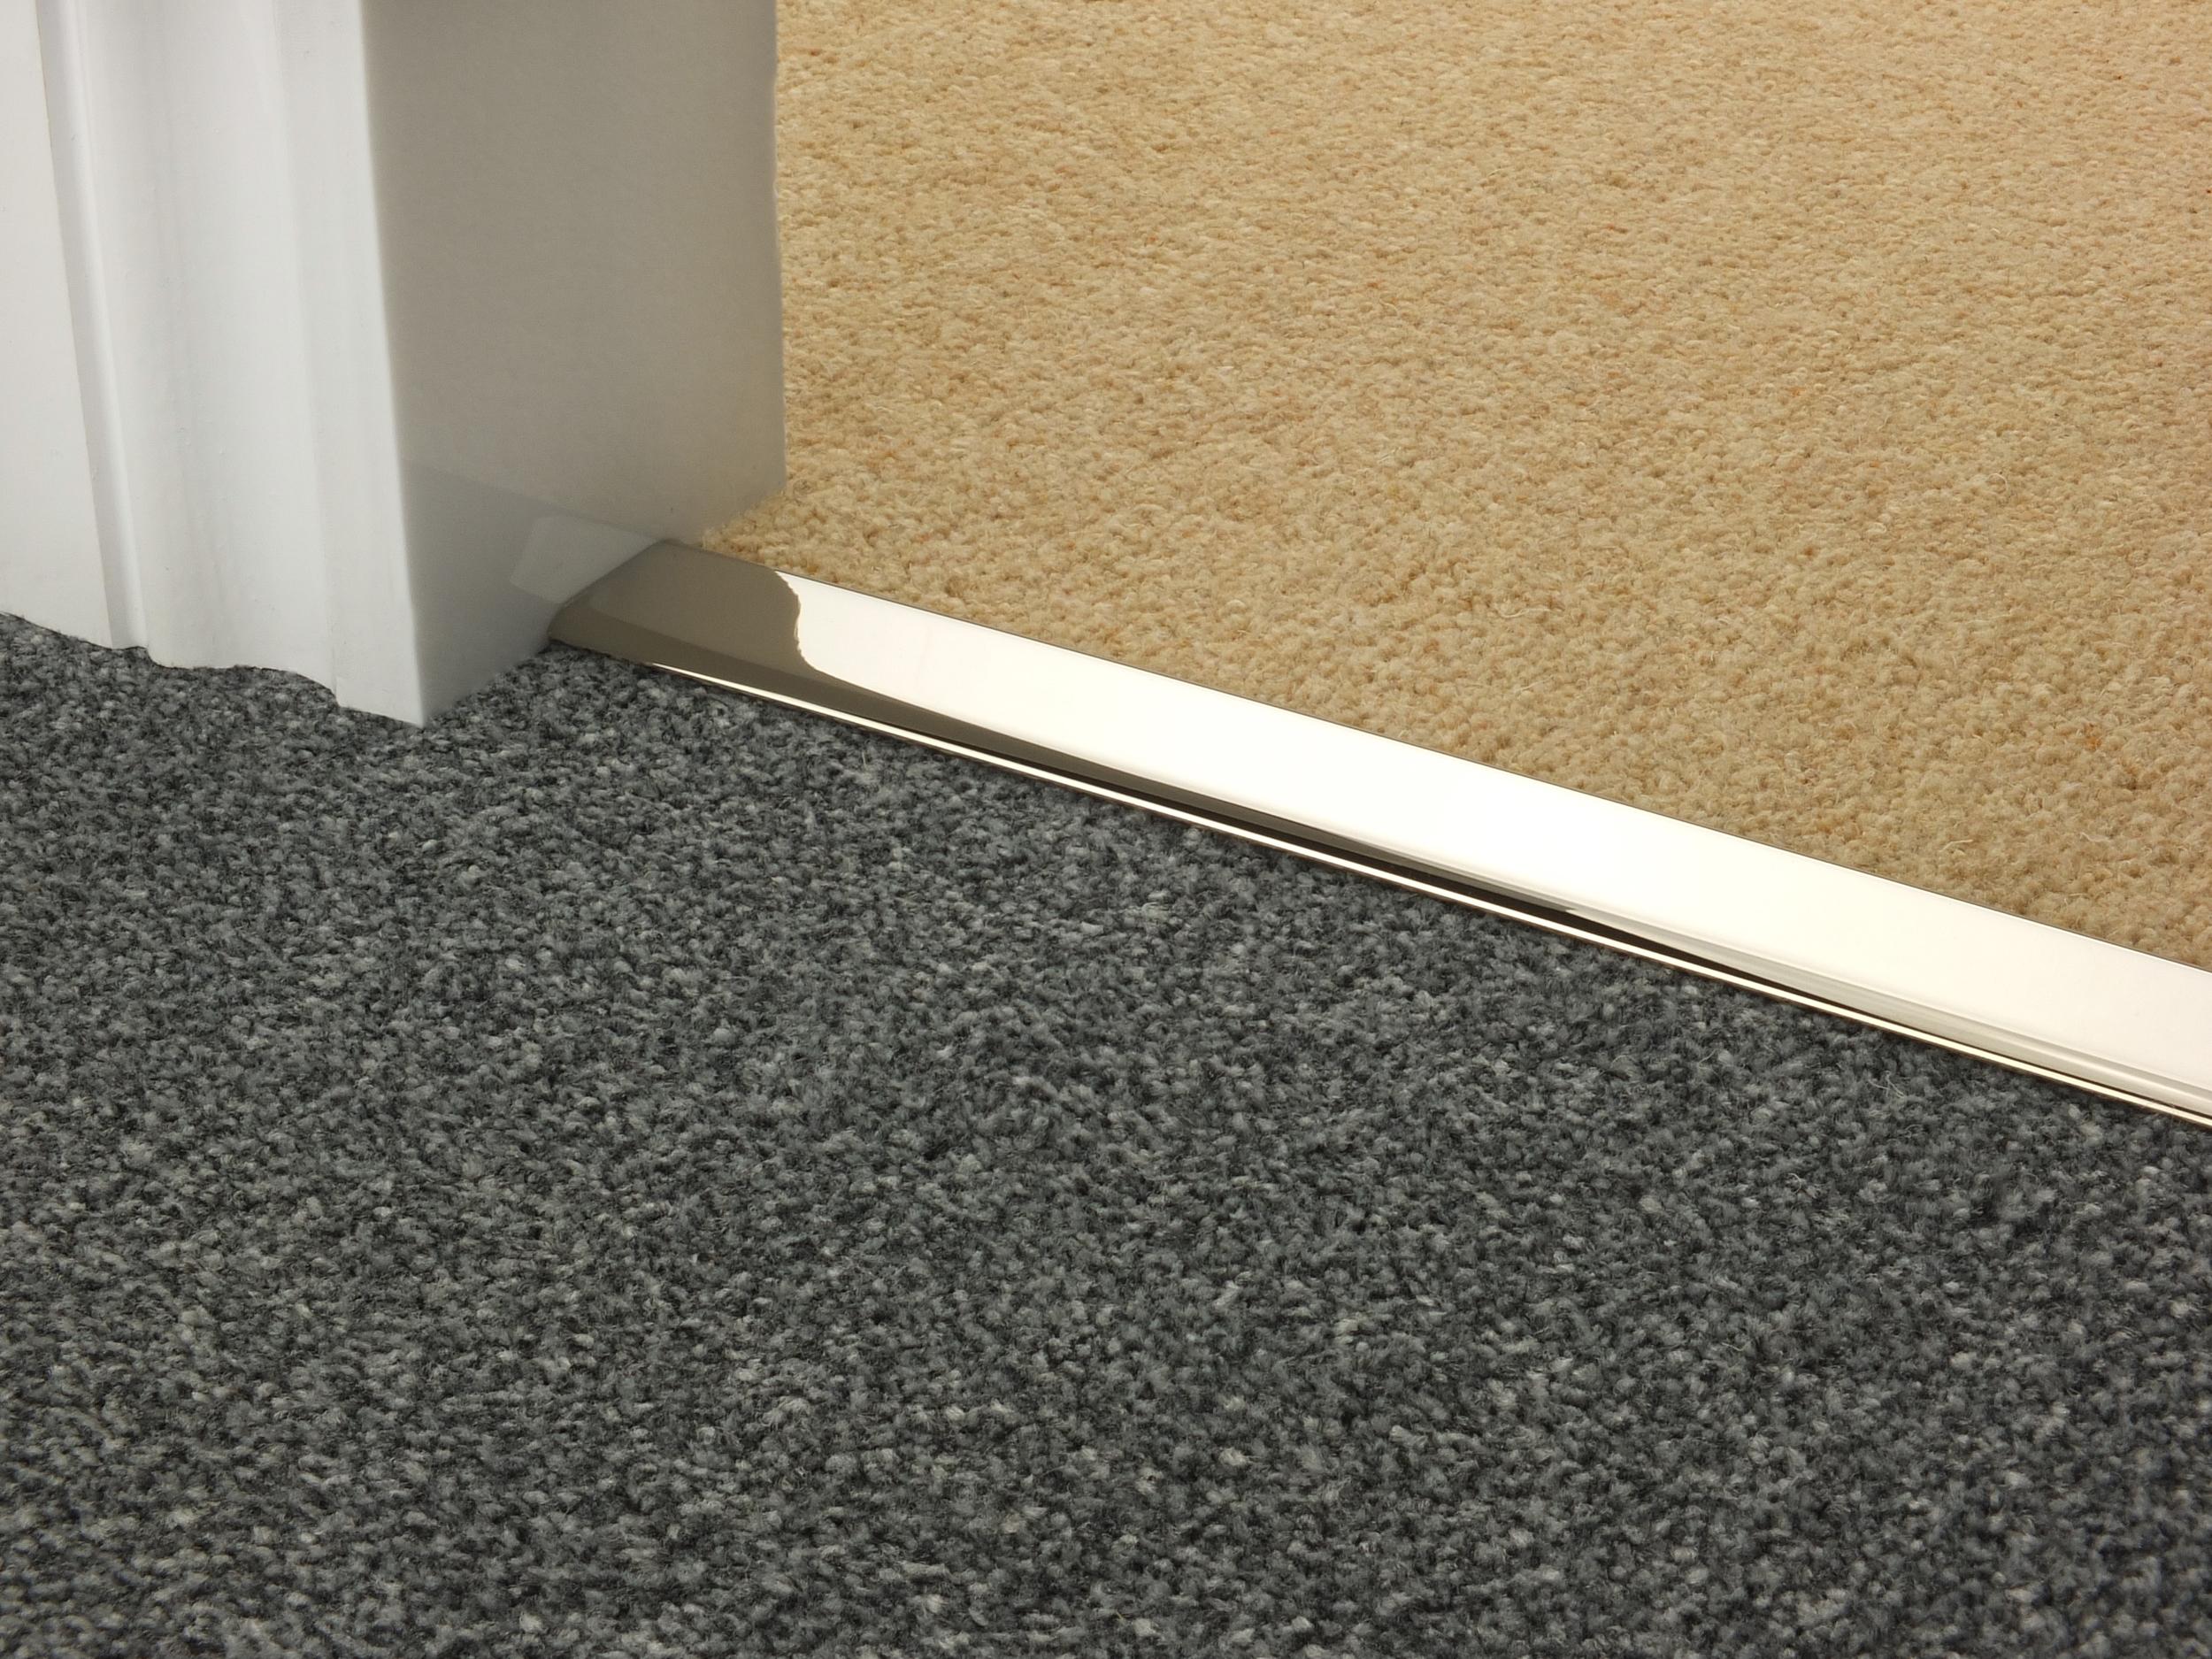 door_bar_polished_nickel_doublez_carpet_carpet.jpg